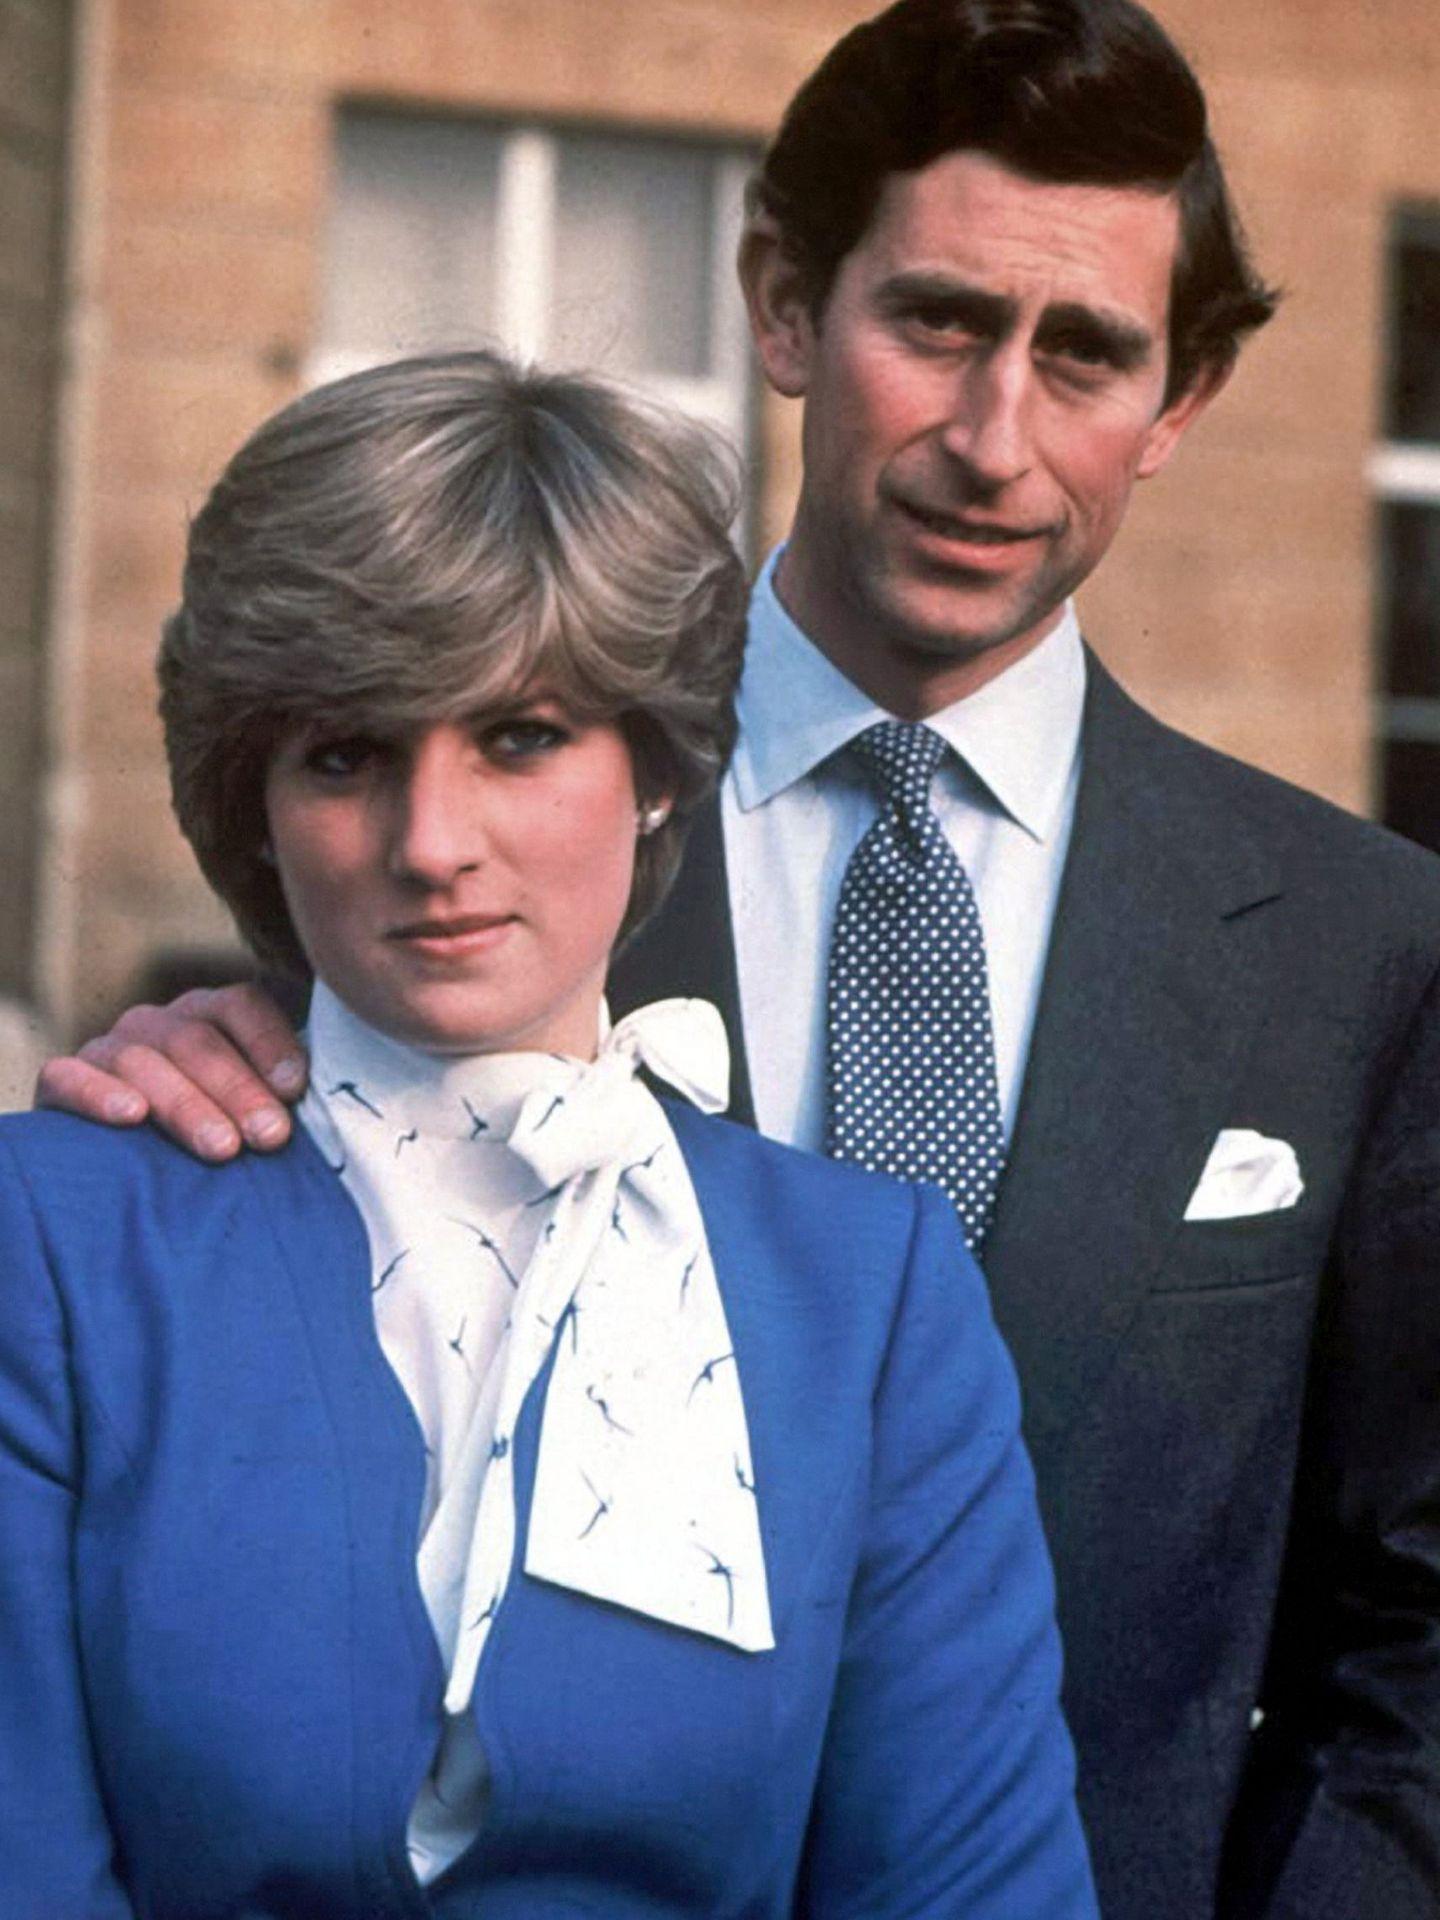 Fotografía de archivo de la princesa Diana, junto a su entonces prometido, el príncipe Carlos. (EFE)